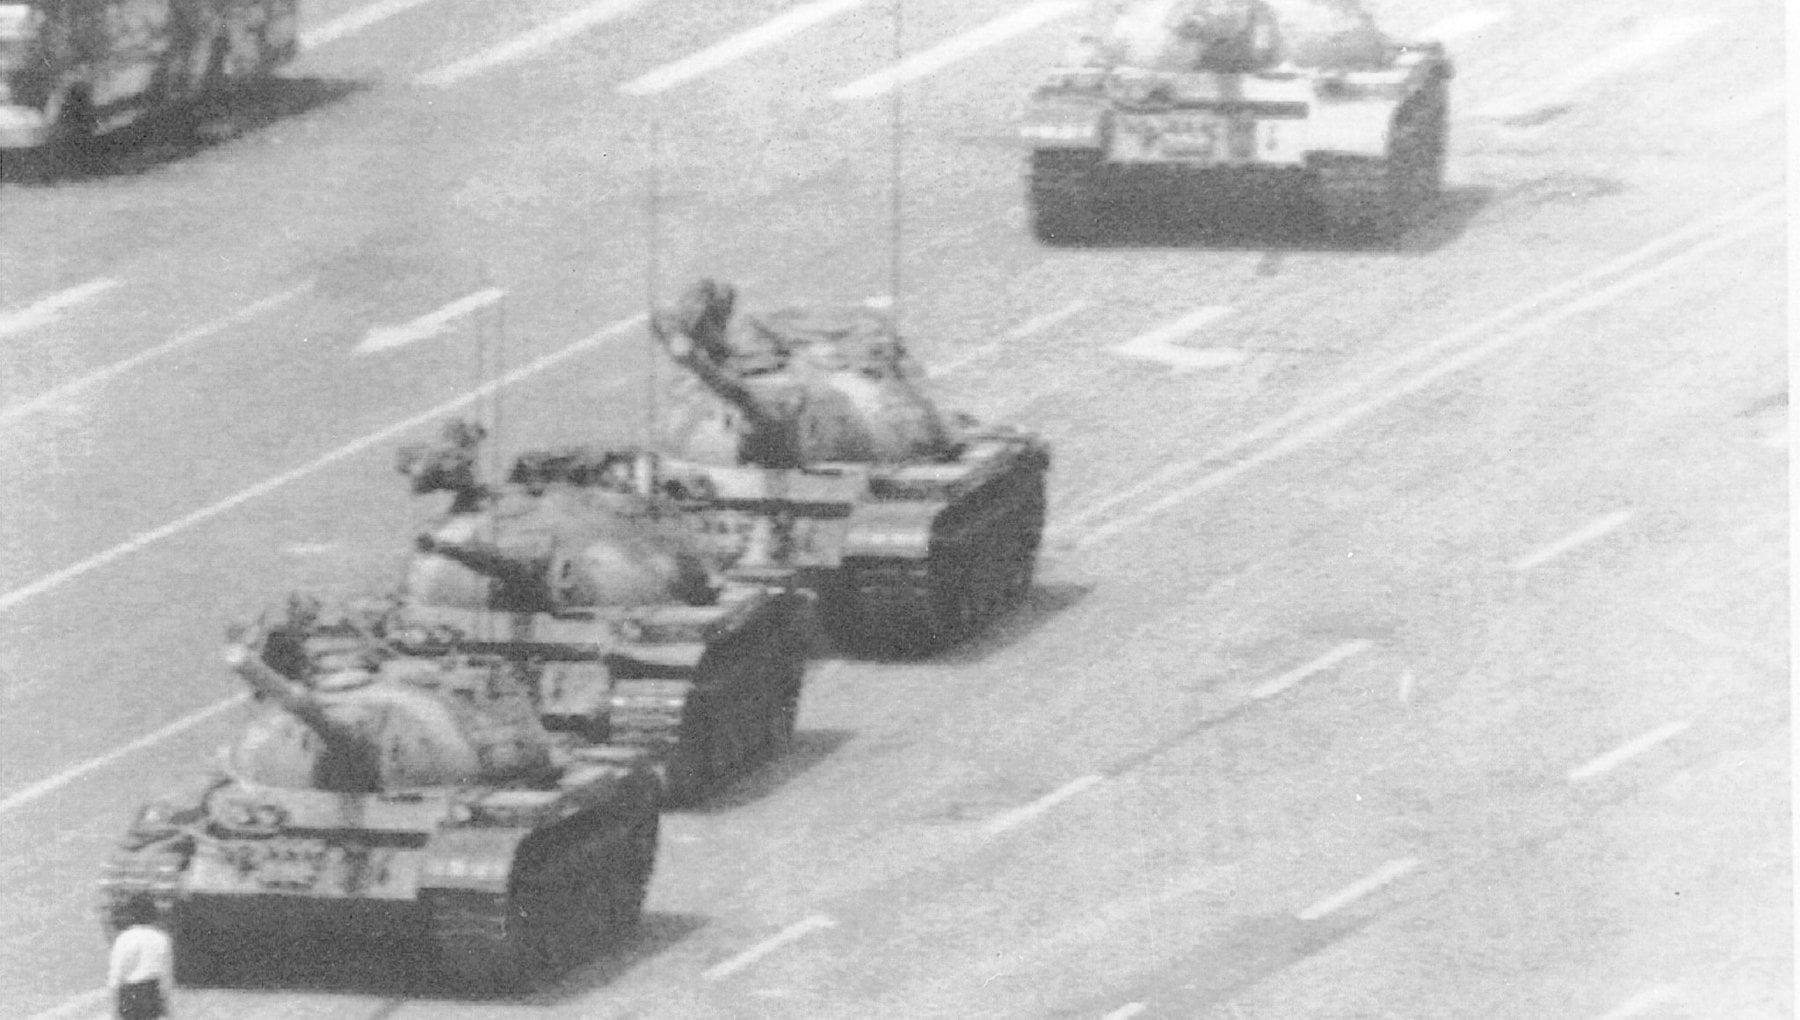 """124719402 7ce7614f 77b1 47a4 abaa a5925fea38e9 - La foto-icona di Tienanmen scompare dal motore di ricerca di Microsoft: """"Errore umano"""""""